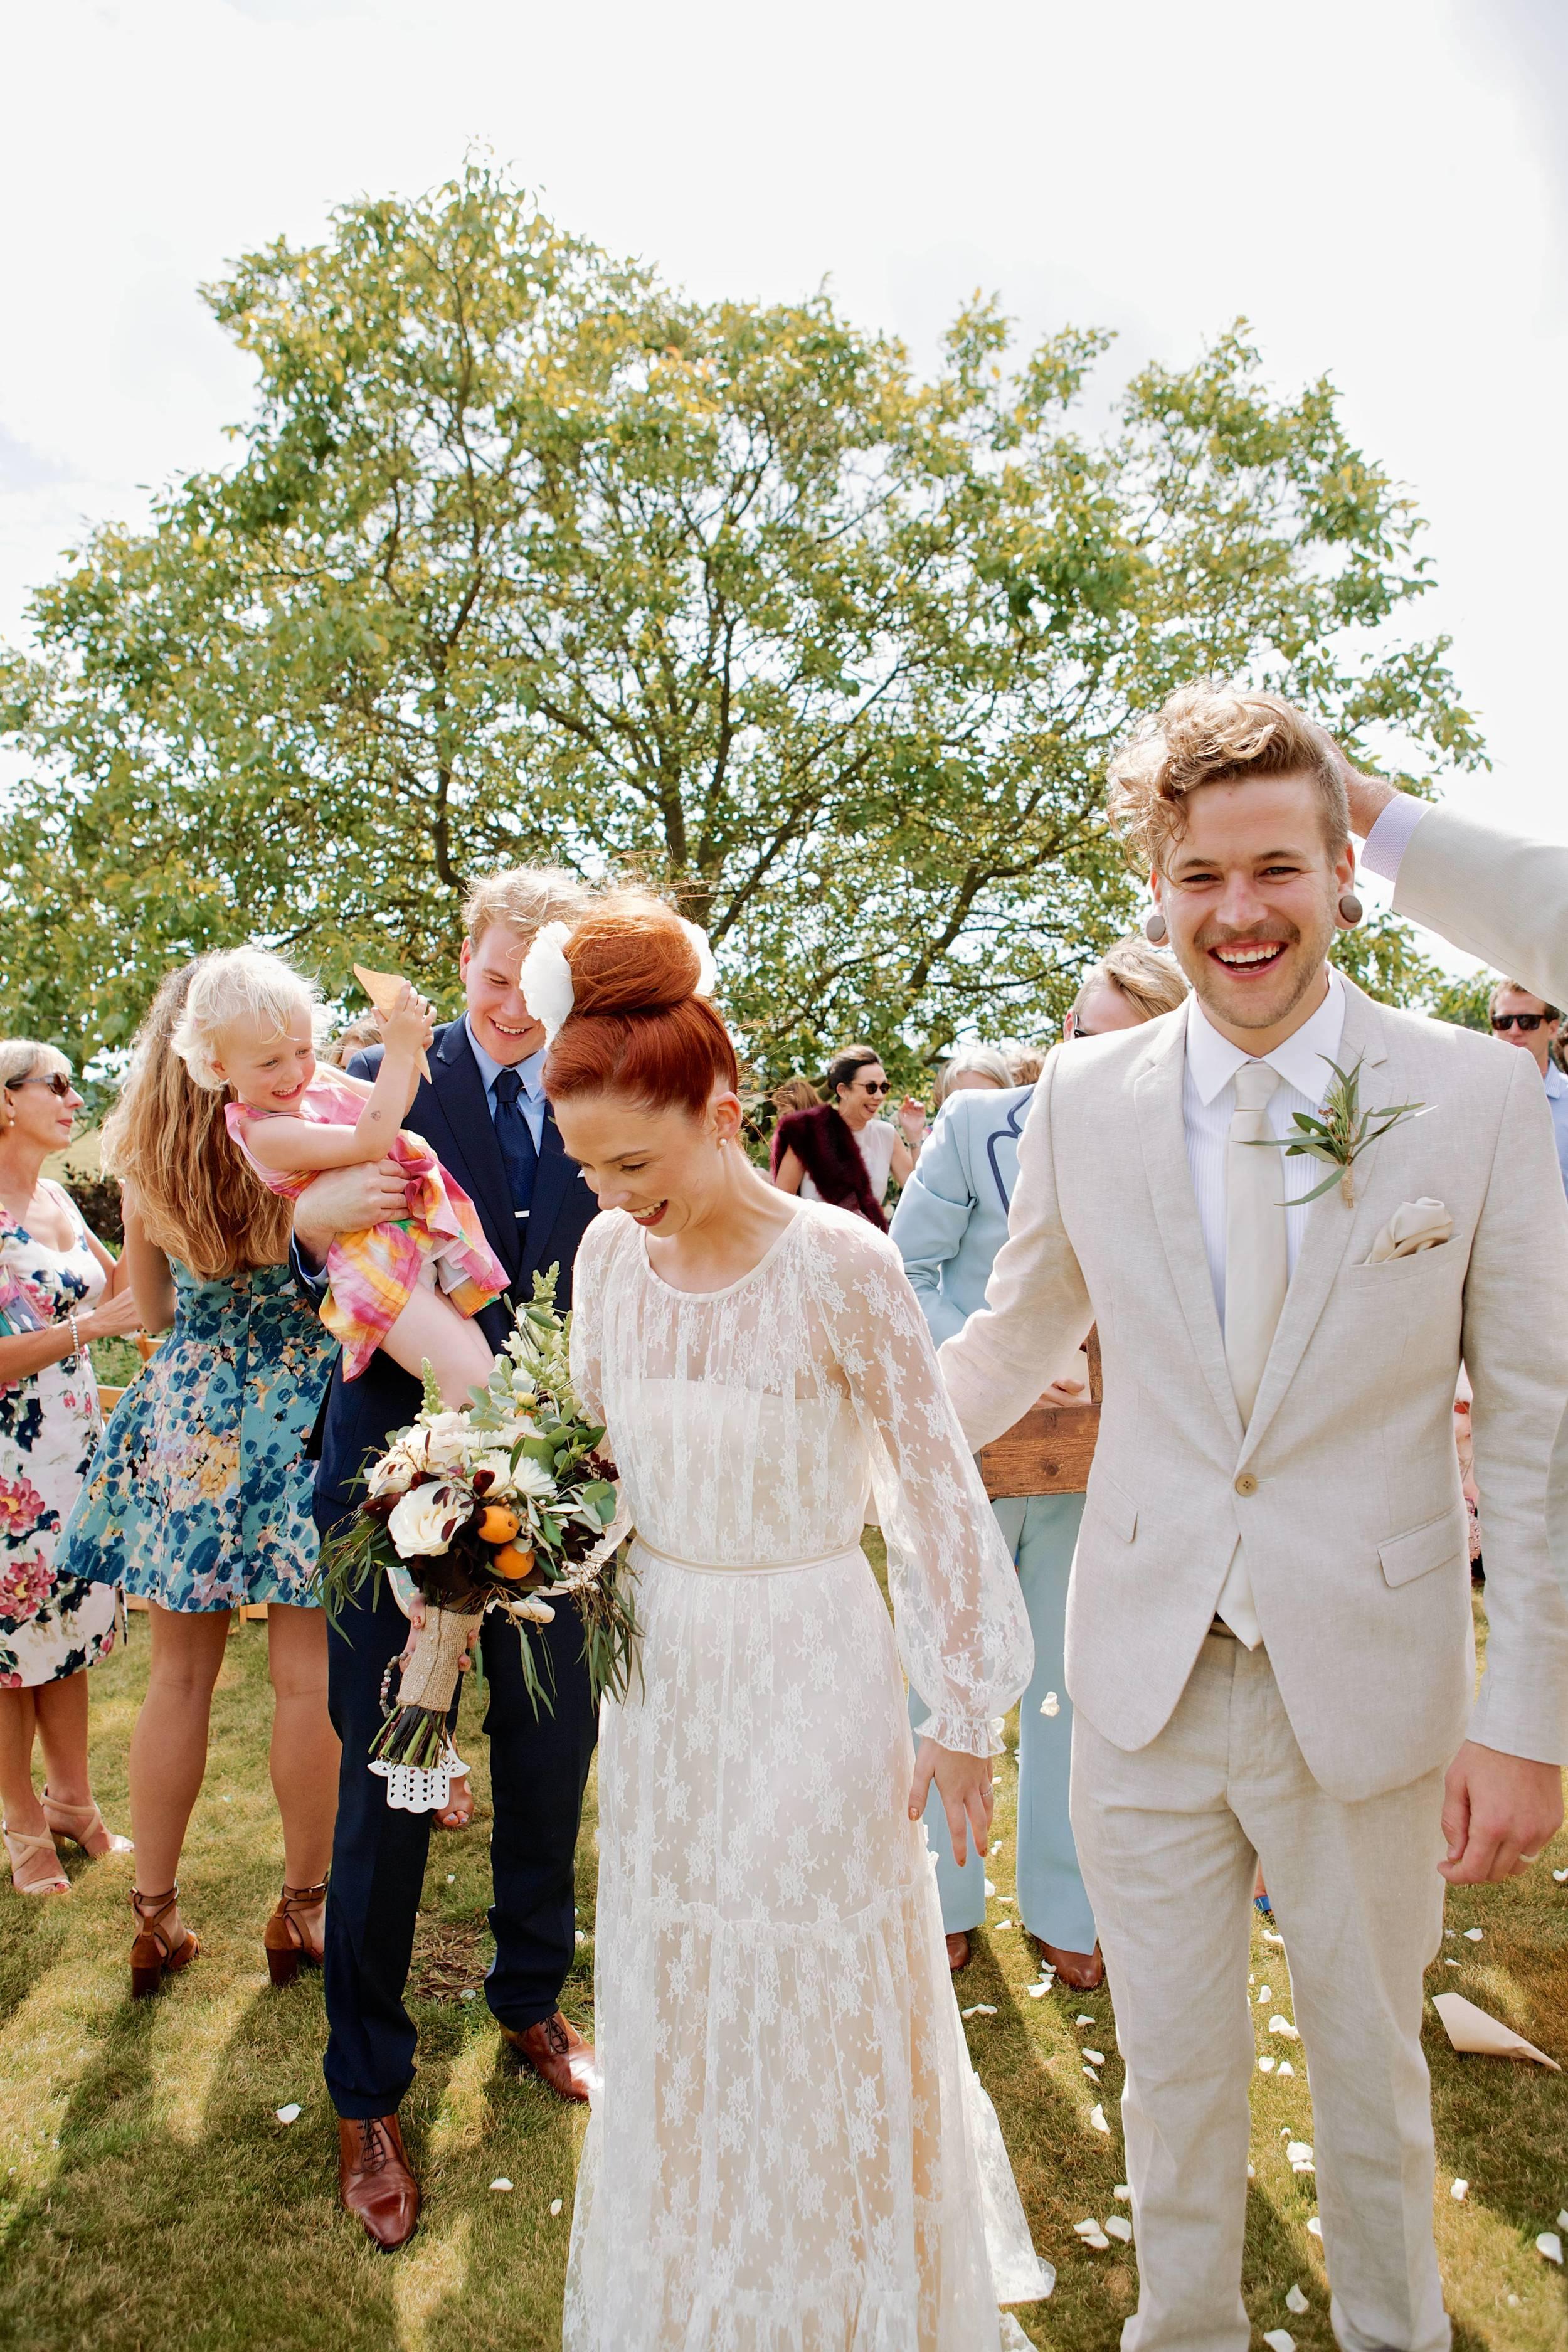 Hill_Wedding_3O5A5174.jpg